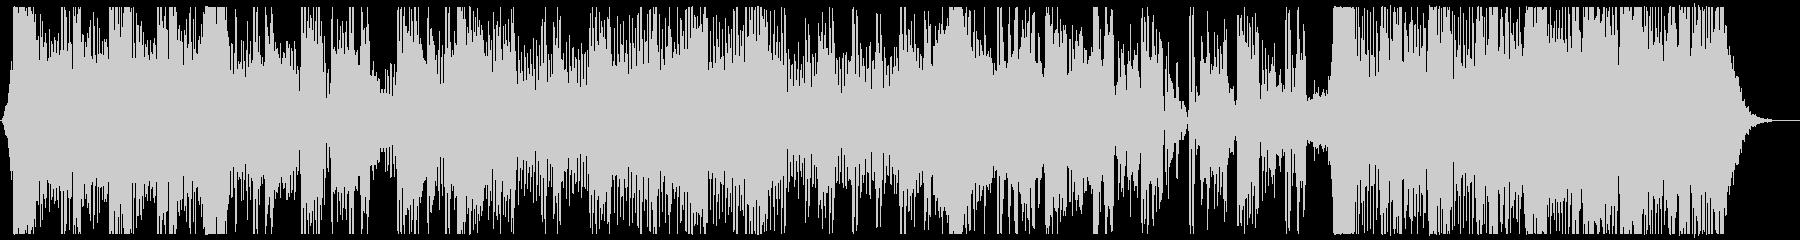 Alt Mix-繊細なピアノ、スト...の未再生の波形